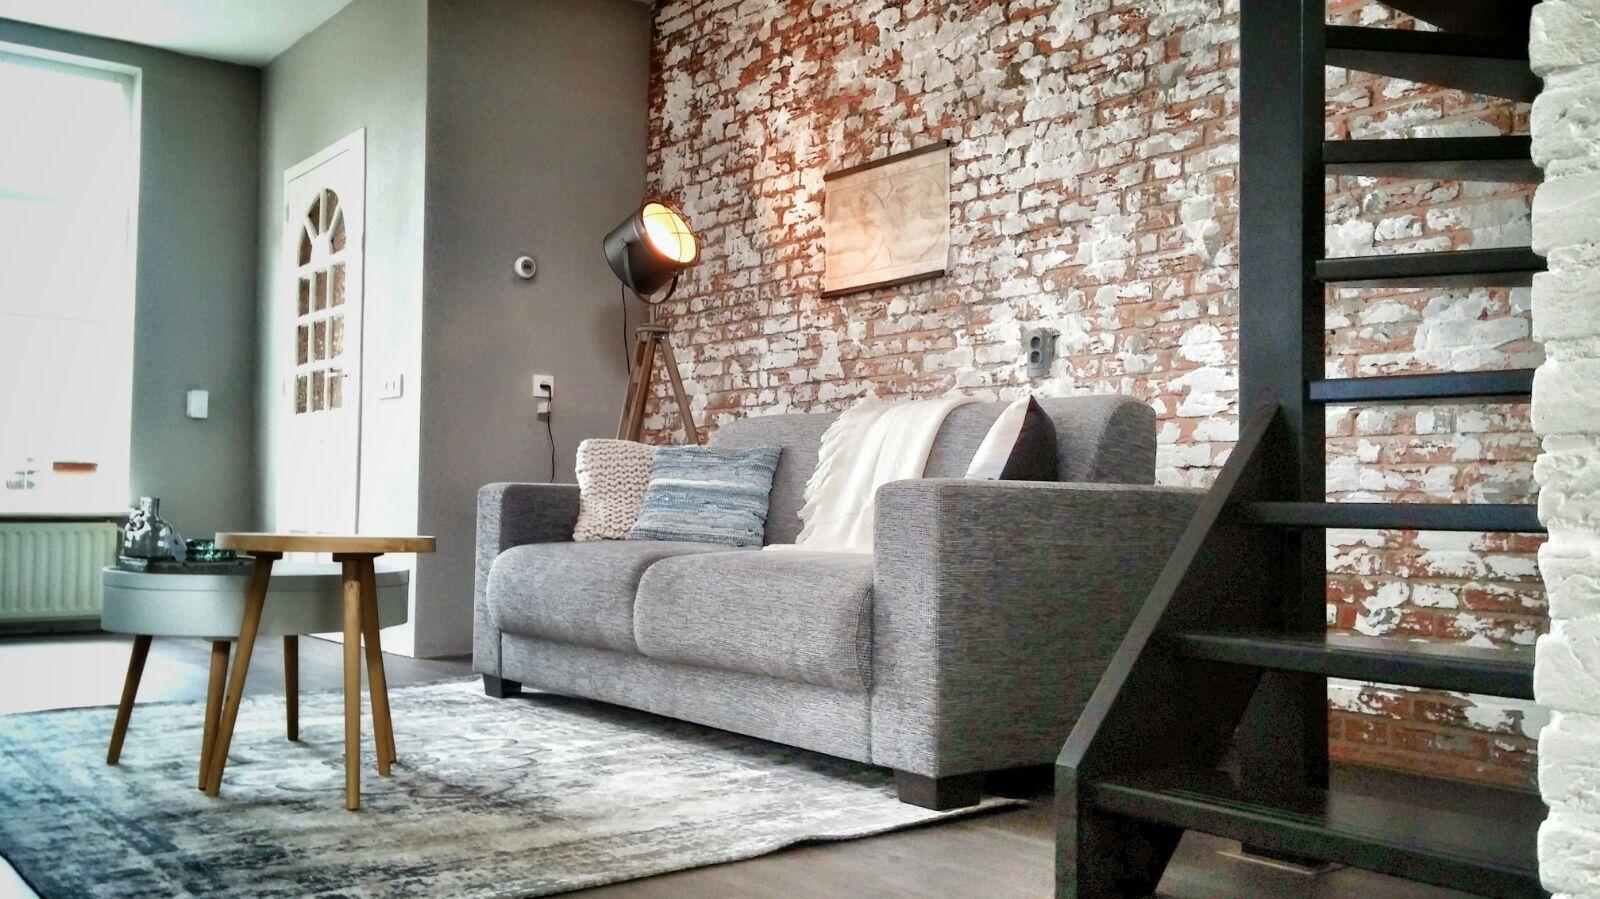 woonkamer interieurstyling industrieel brickwall bakstenen muur zwarte trap (2).jpg